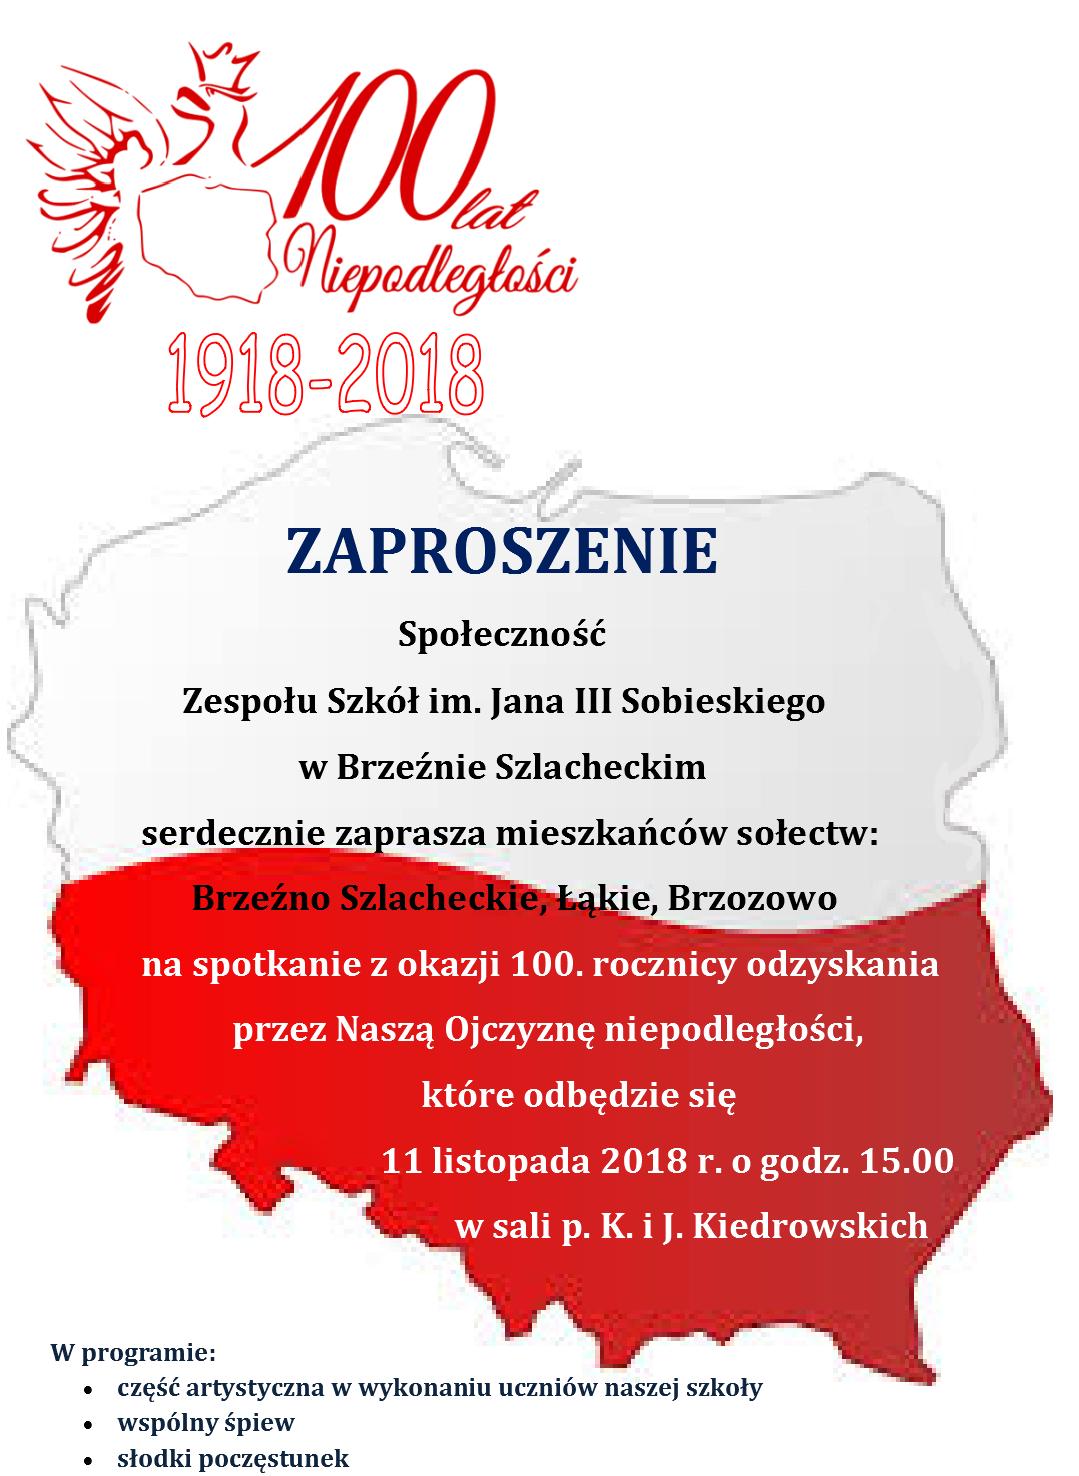 ZAPROSZENIE - 100- lecie NIEPODLEGŁOŚCI POLSKI